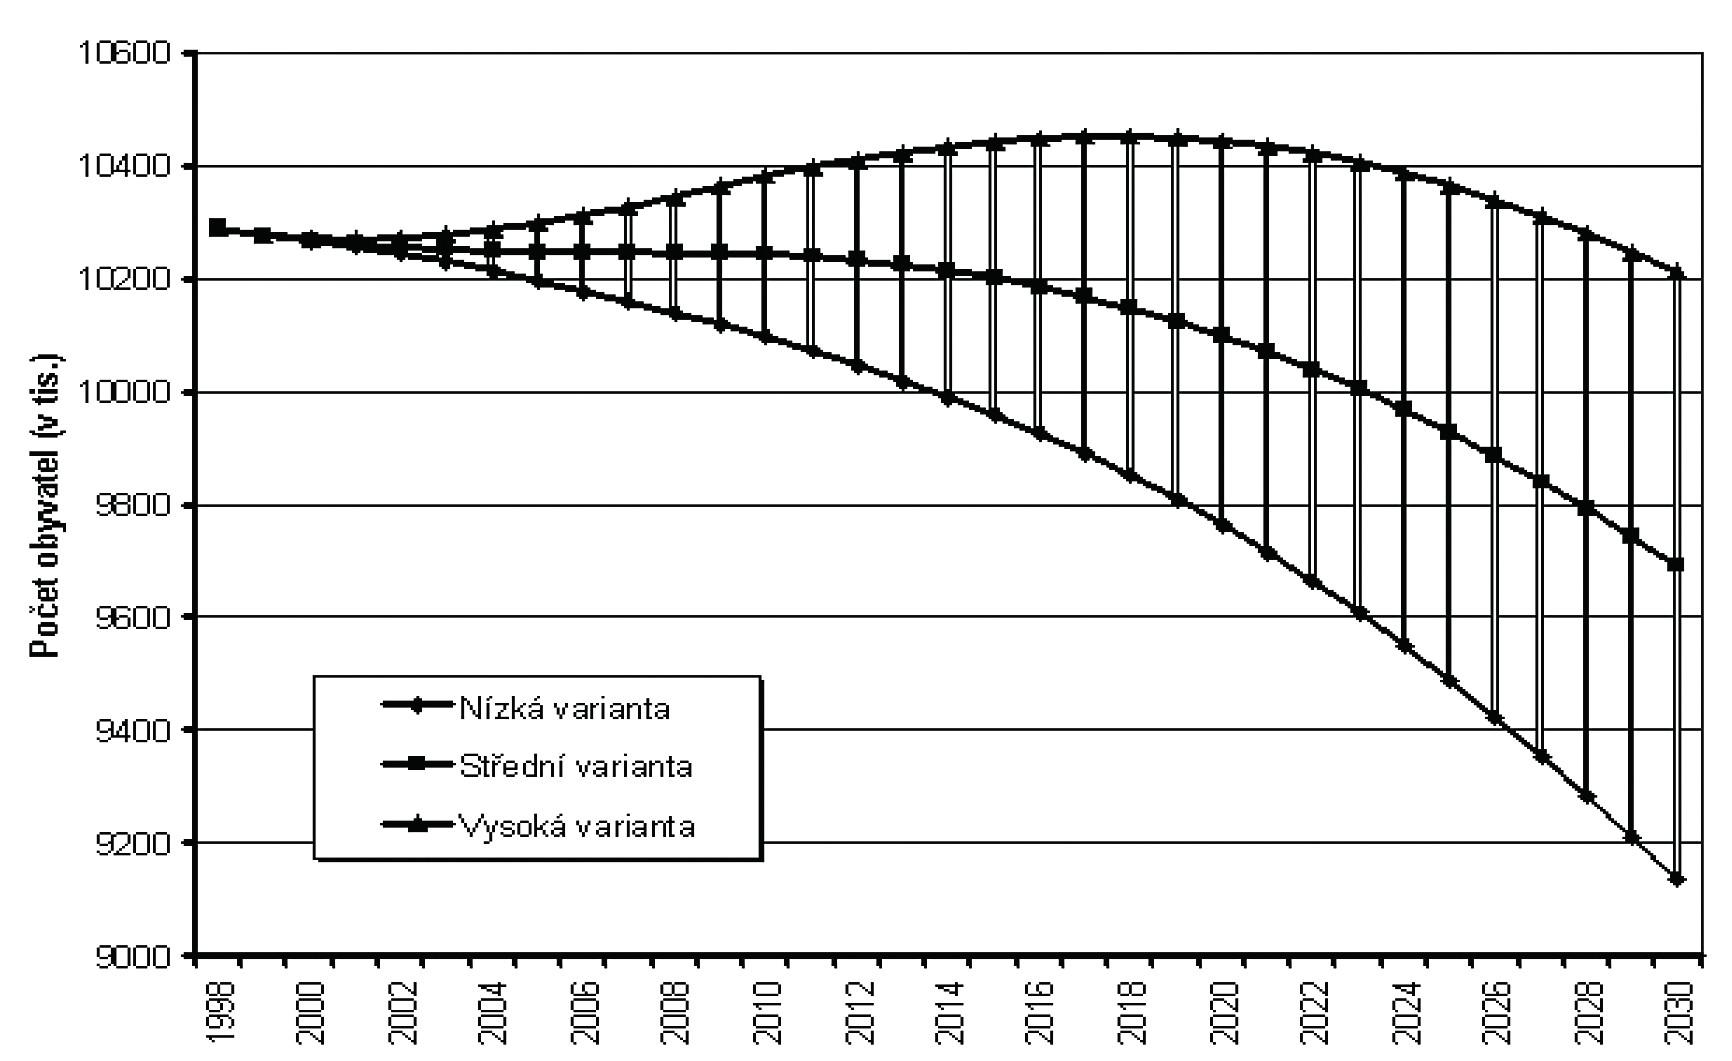 Prognóza růstu populace v ČR do roku 2030 (zdroj: ČSÚ)